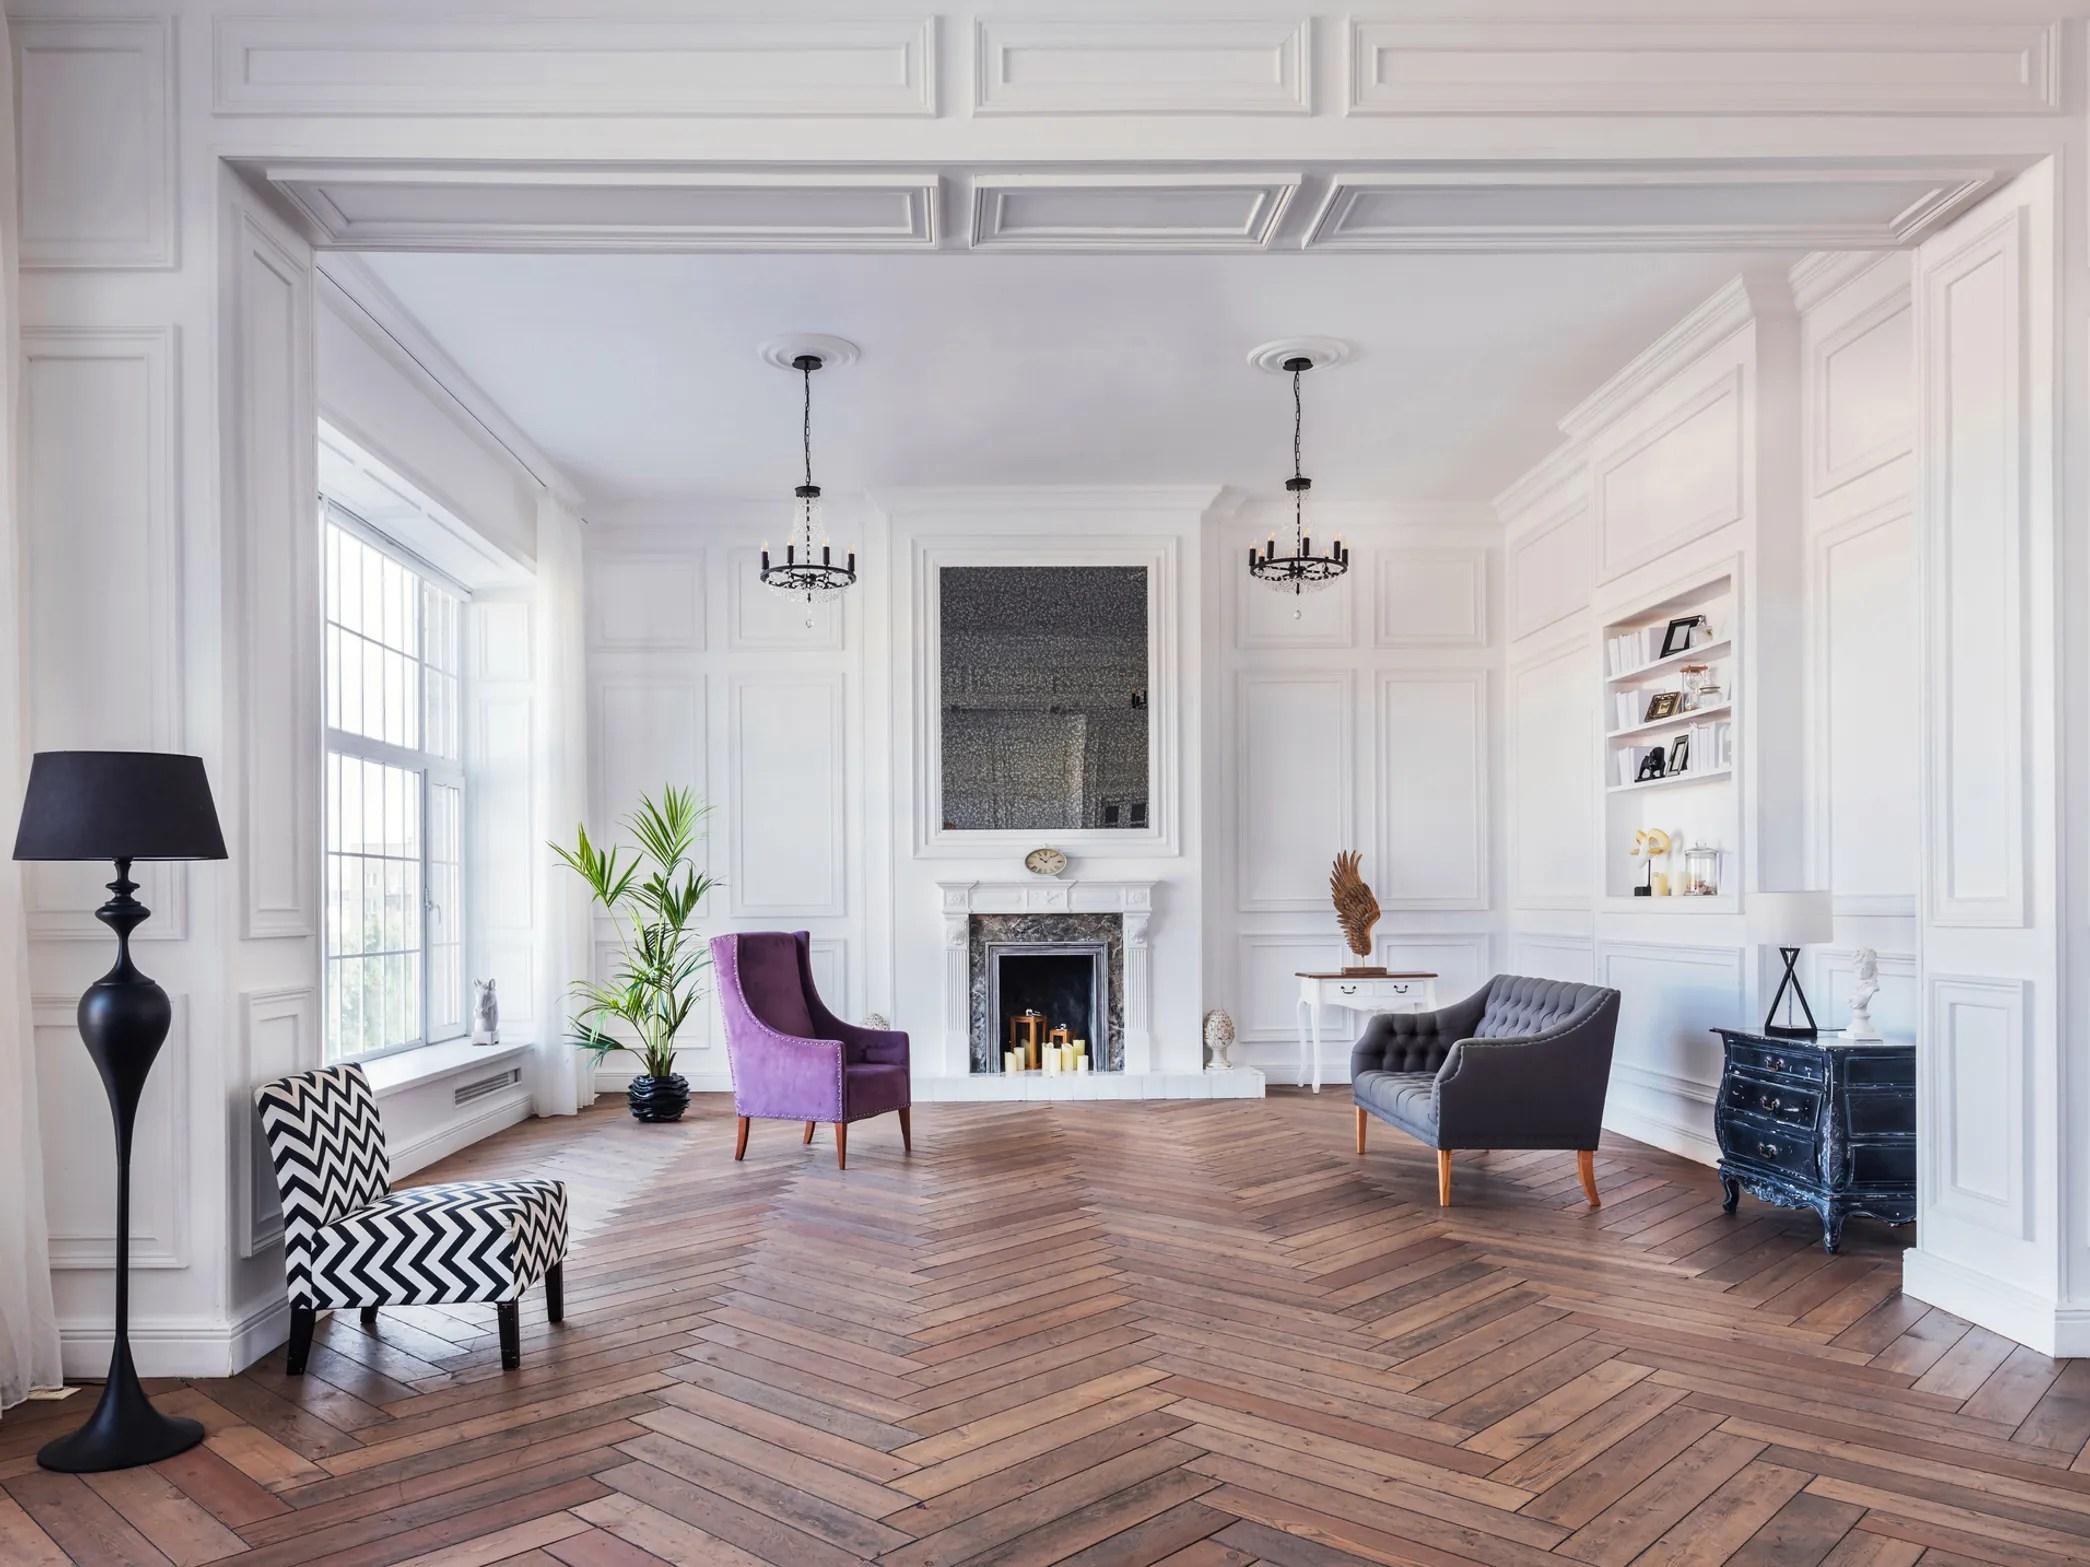 Lo ricordiamo ripubblicando la sua casa a parigi, un appartamento di un'eleganza senza tempo, ricca di stile. Arredamento Classico Moderno Il Giusto Mix Per La Tua Casa